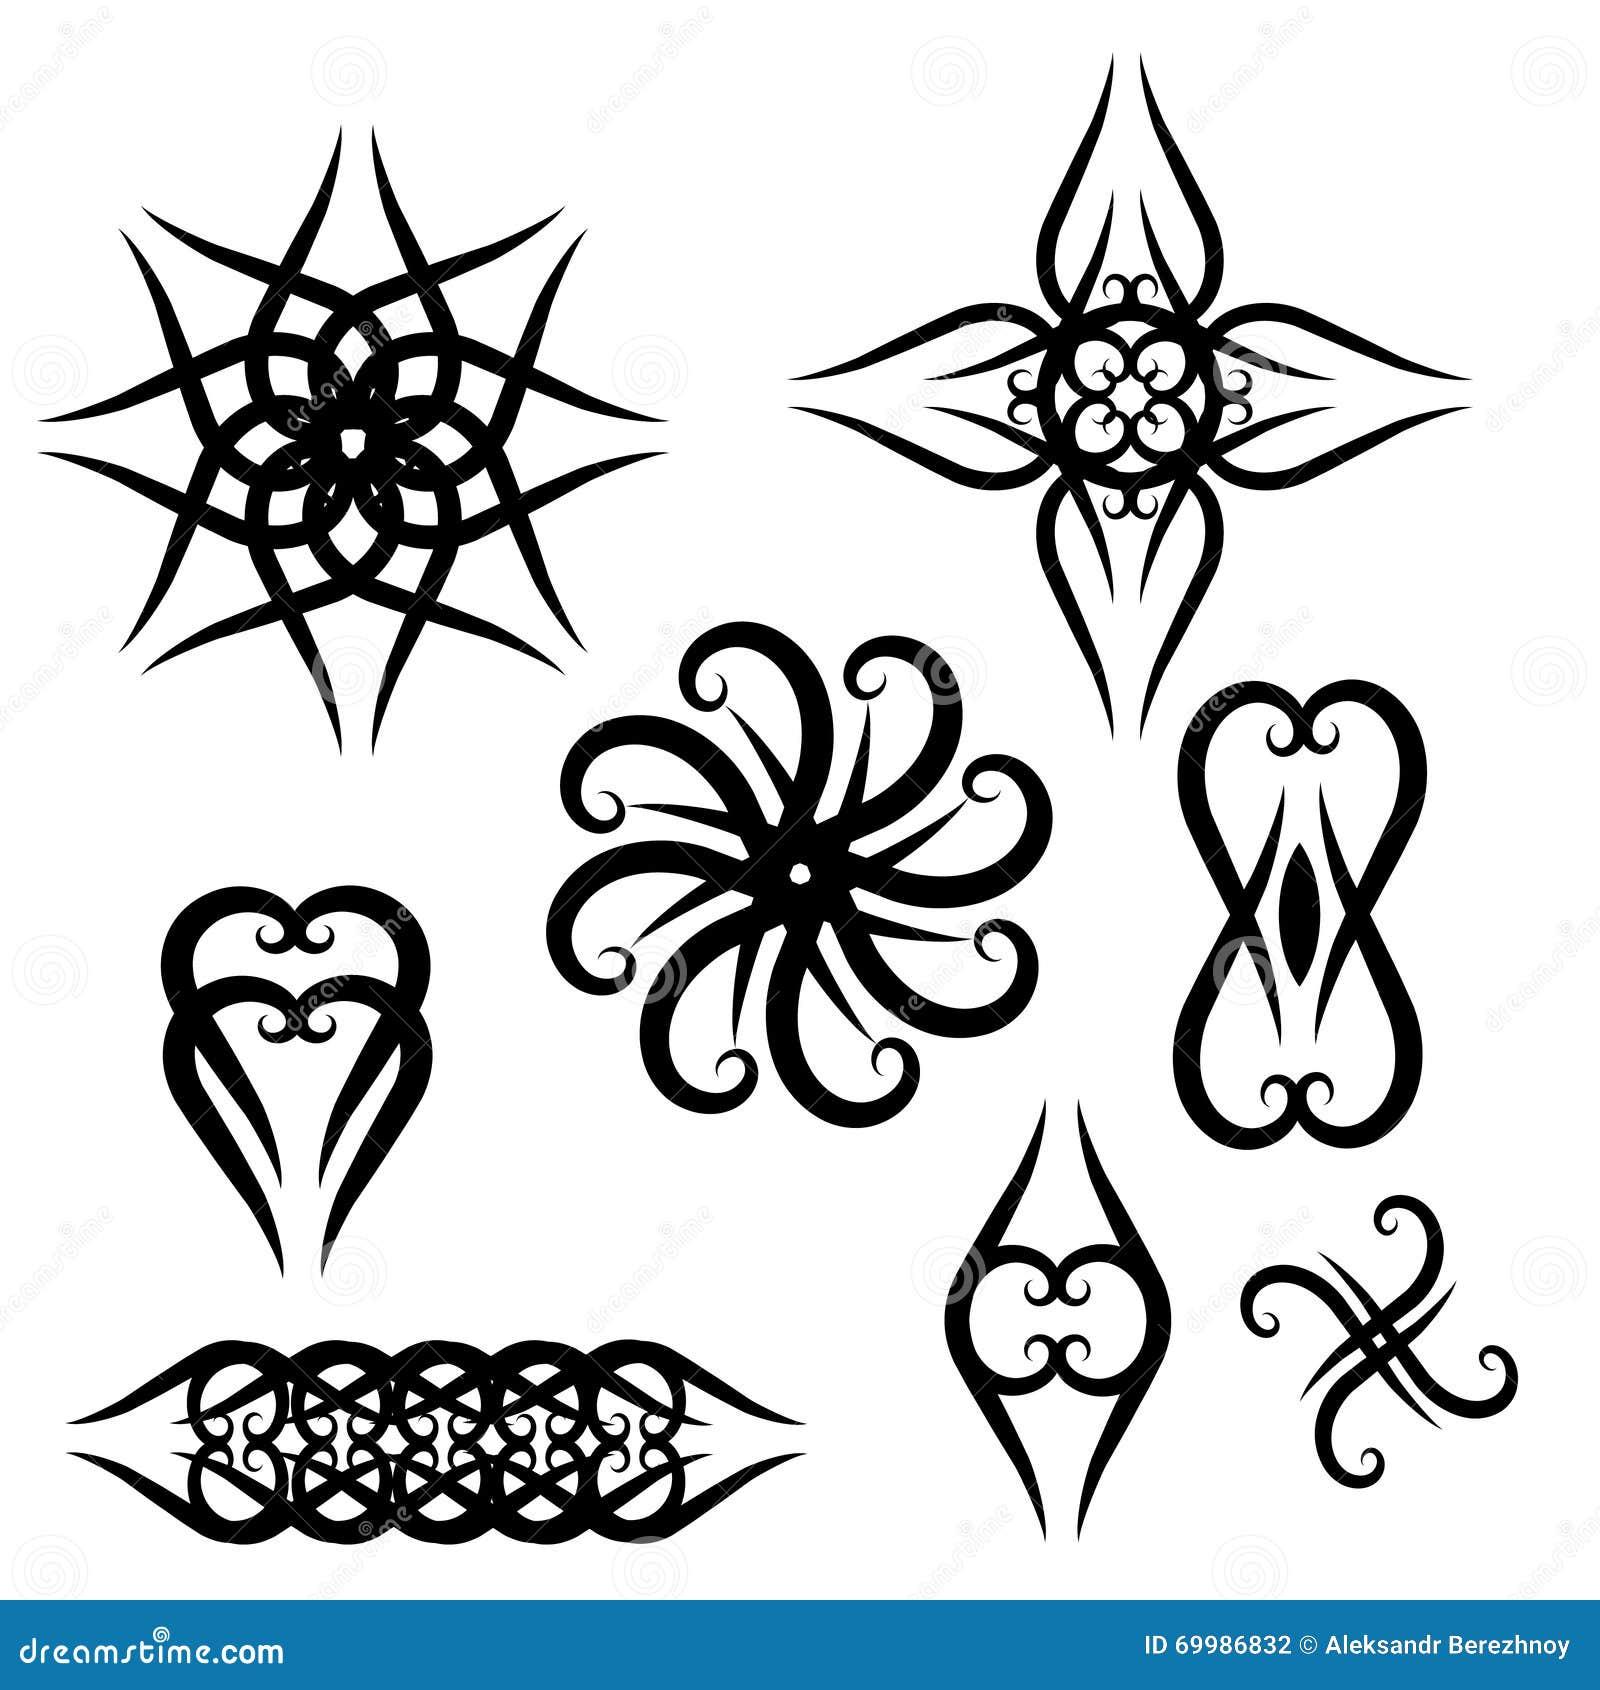 set black for tattoo designs stock vector image 69986832. Black Bedroom Furniture Sets. Home Design Ideas